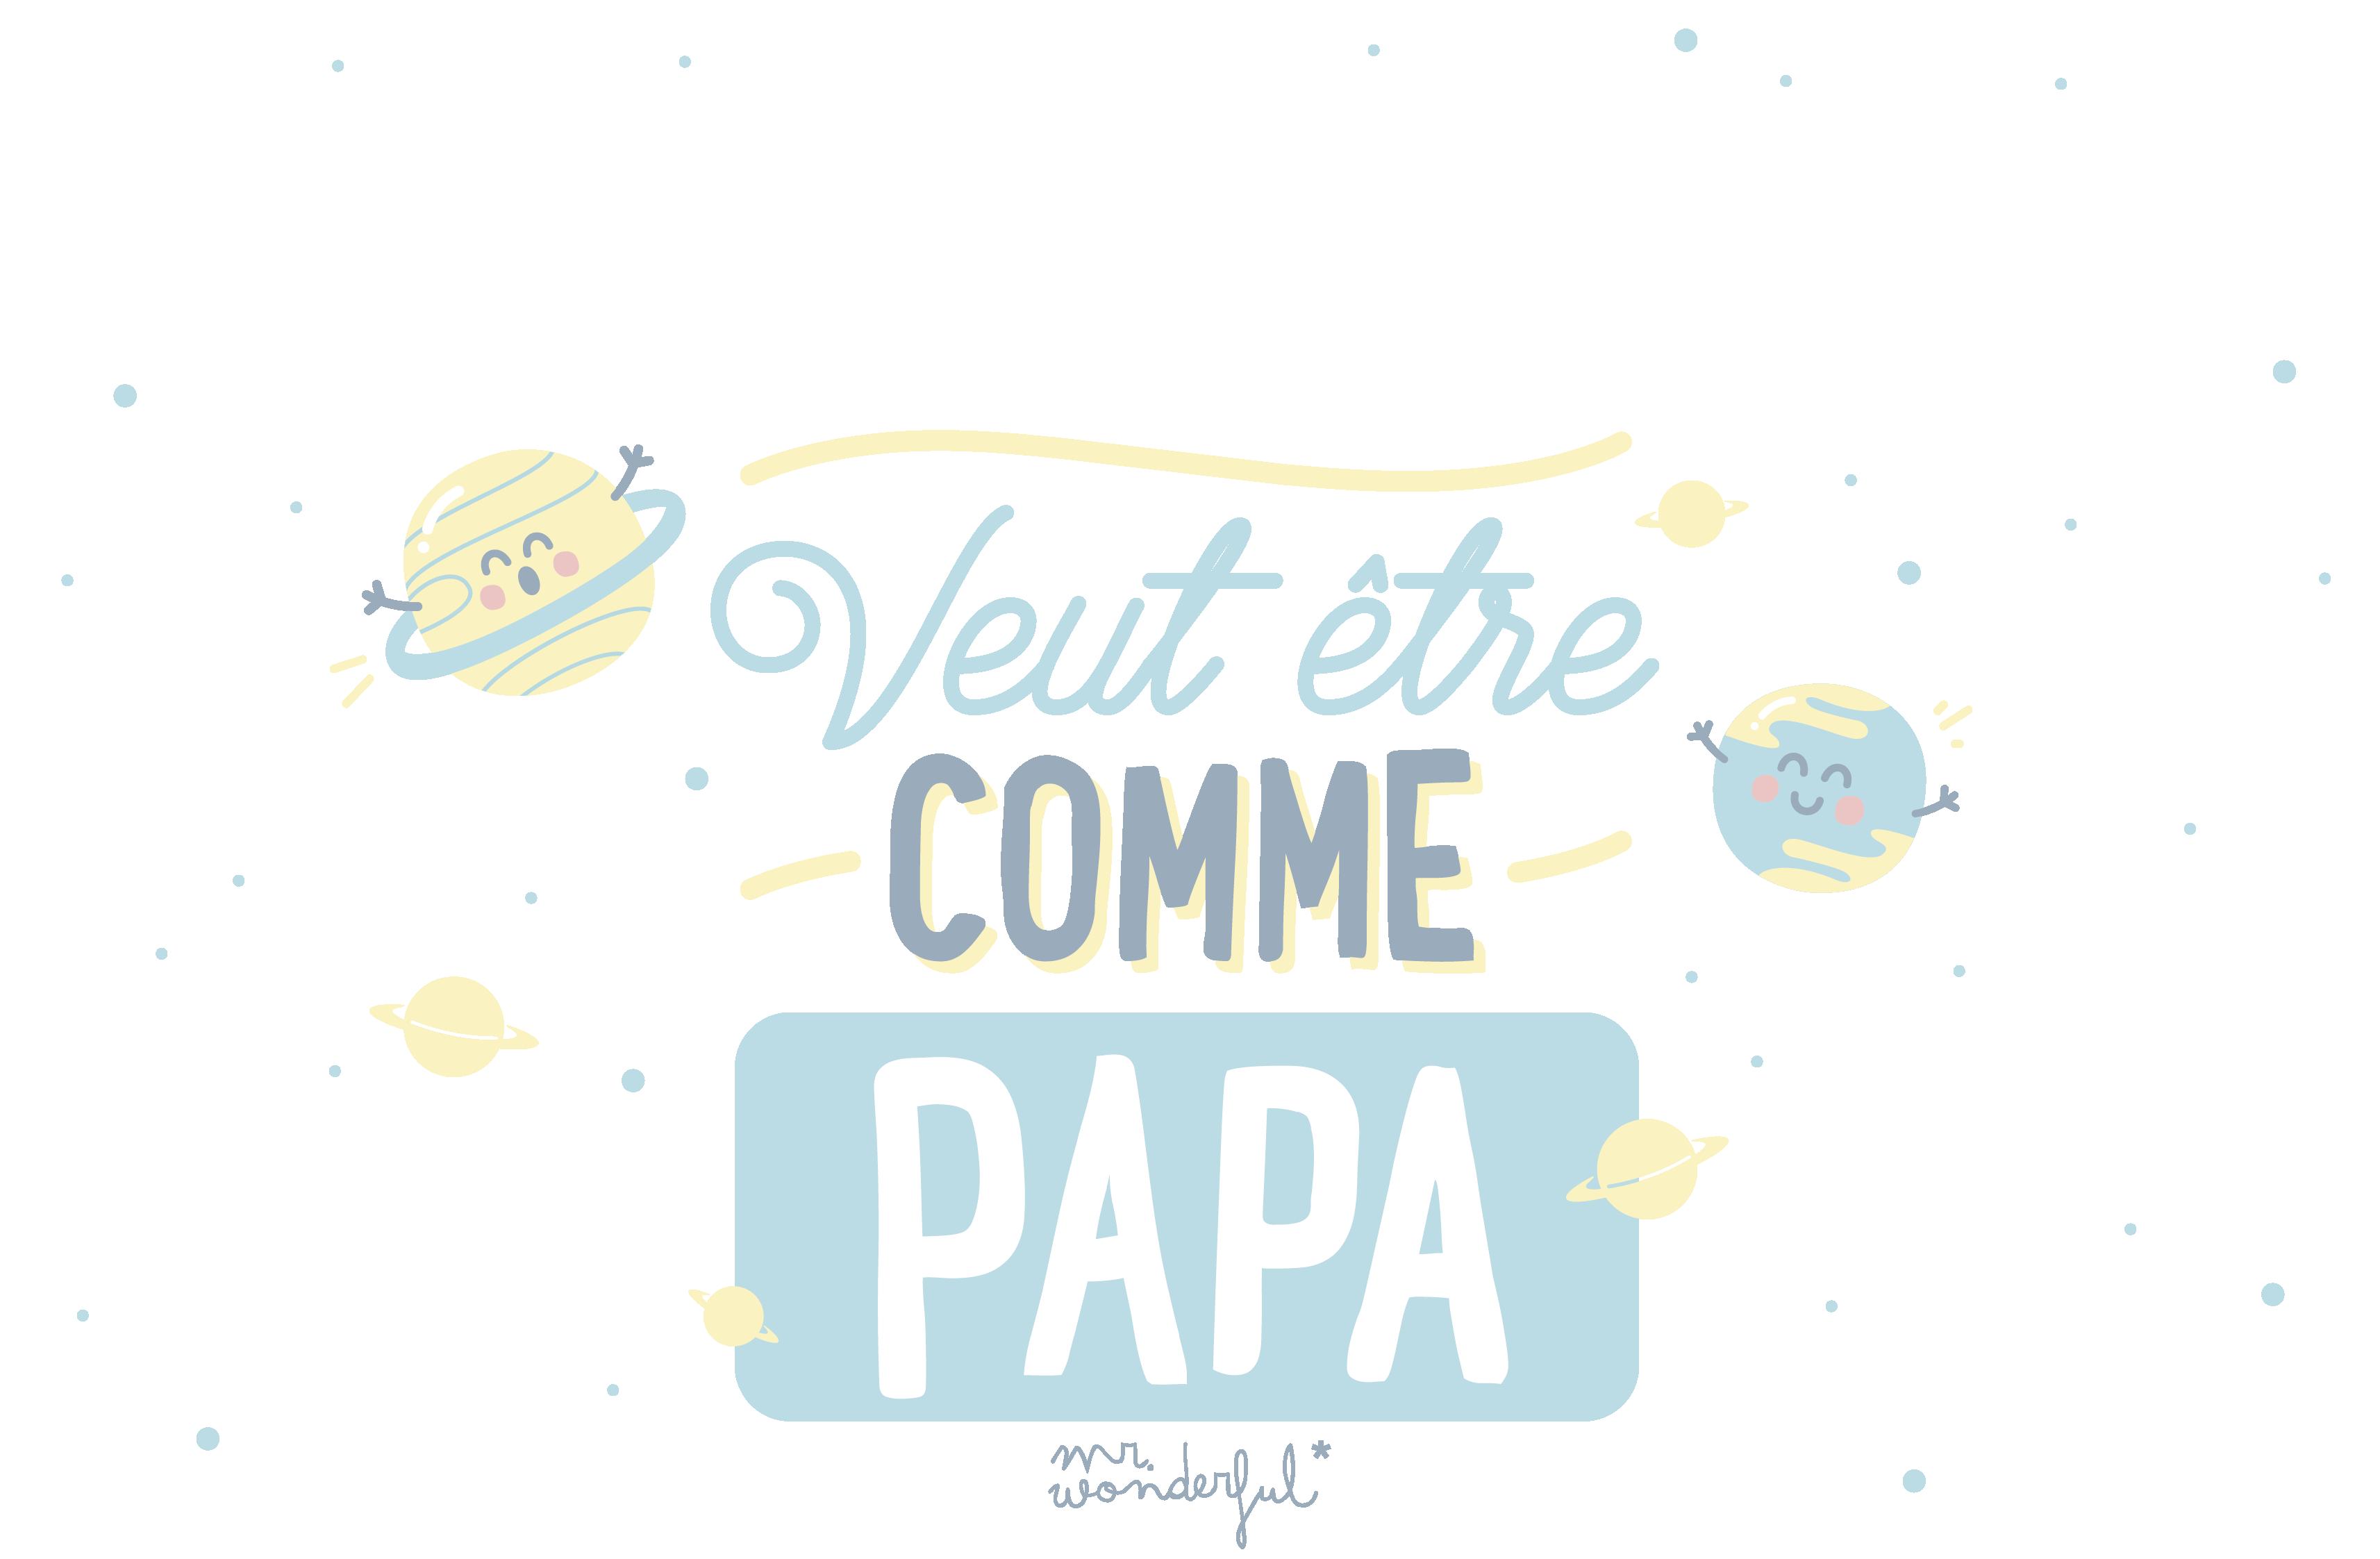 Veut être comme papa